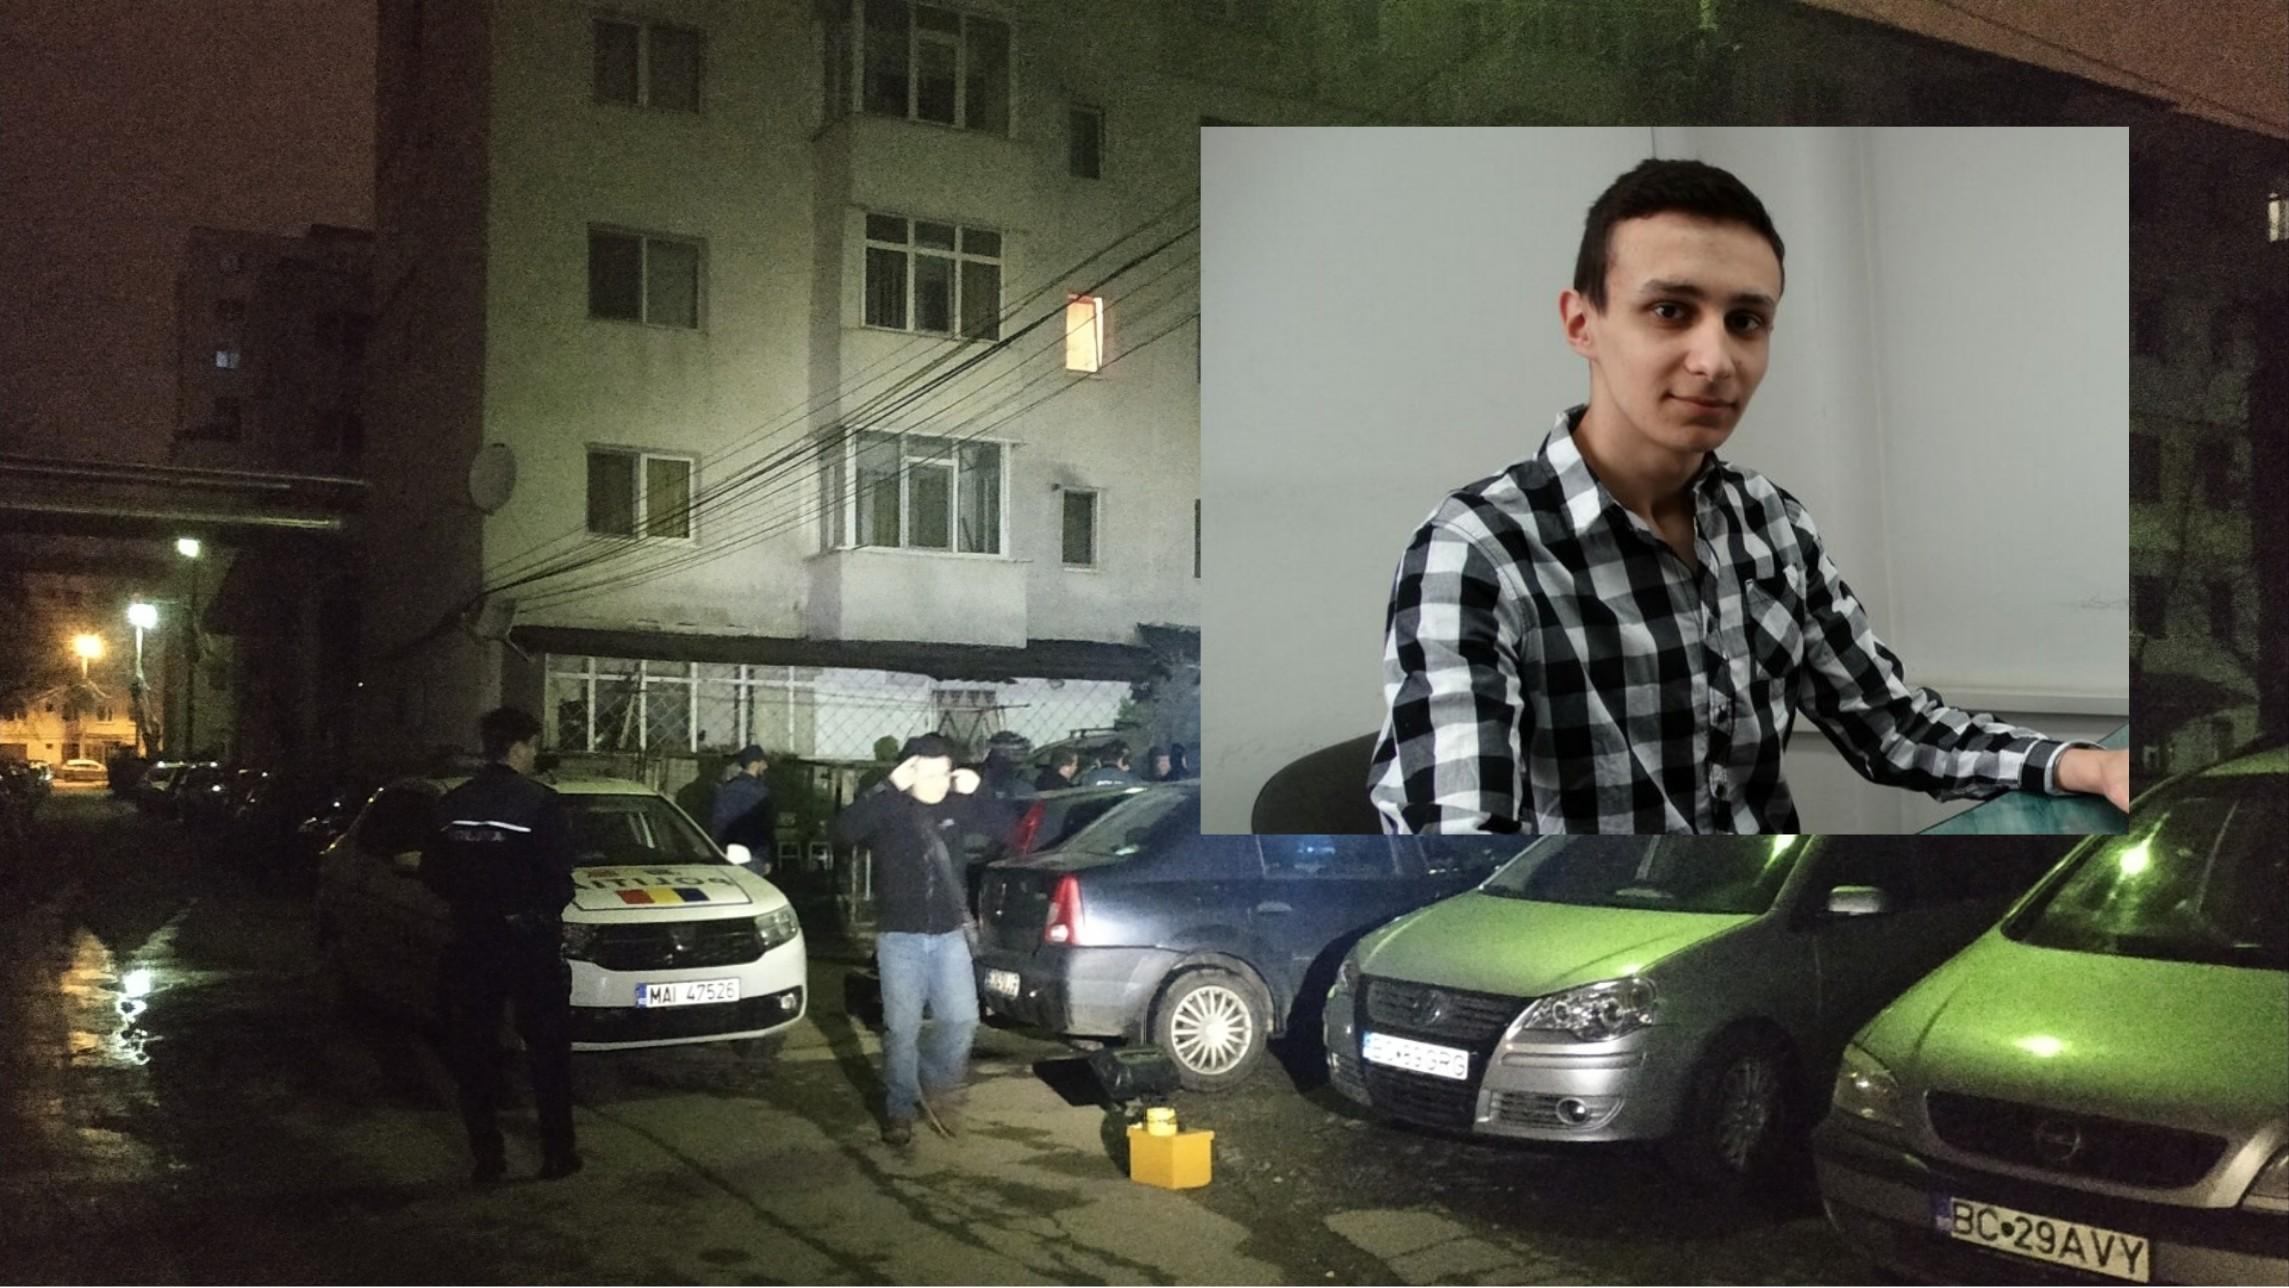 Iulian Cezar Oancea este tânărul împușcat în cap într-o scară de bloc pe strada Alecu Russo din orașul Bacău